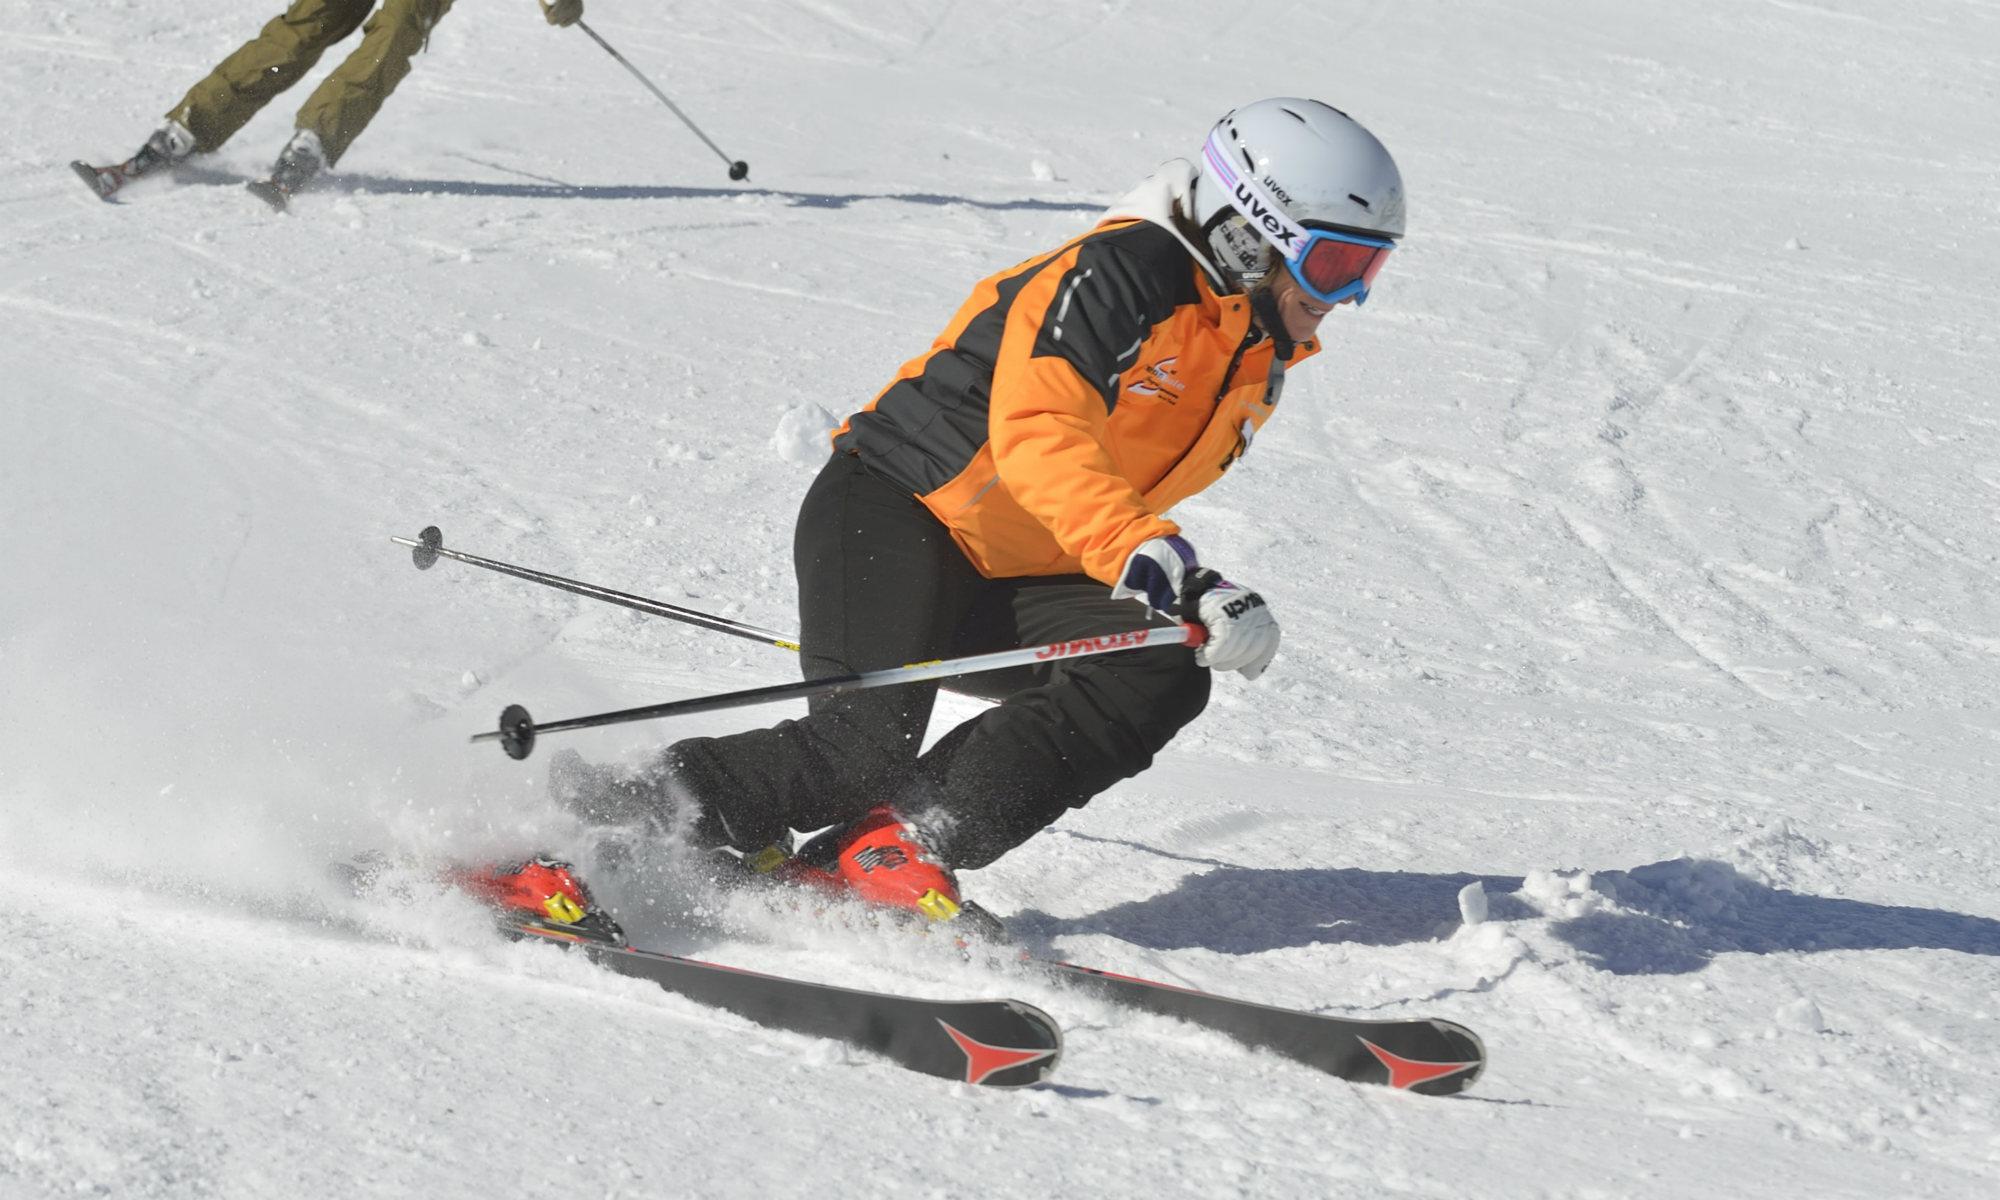 Die Skirennläuferin Ingrid Salvenmoser beim starken Aufkanten auf der Skipiste.